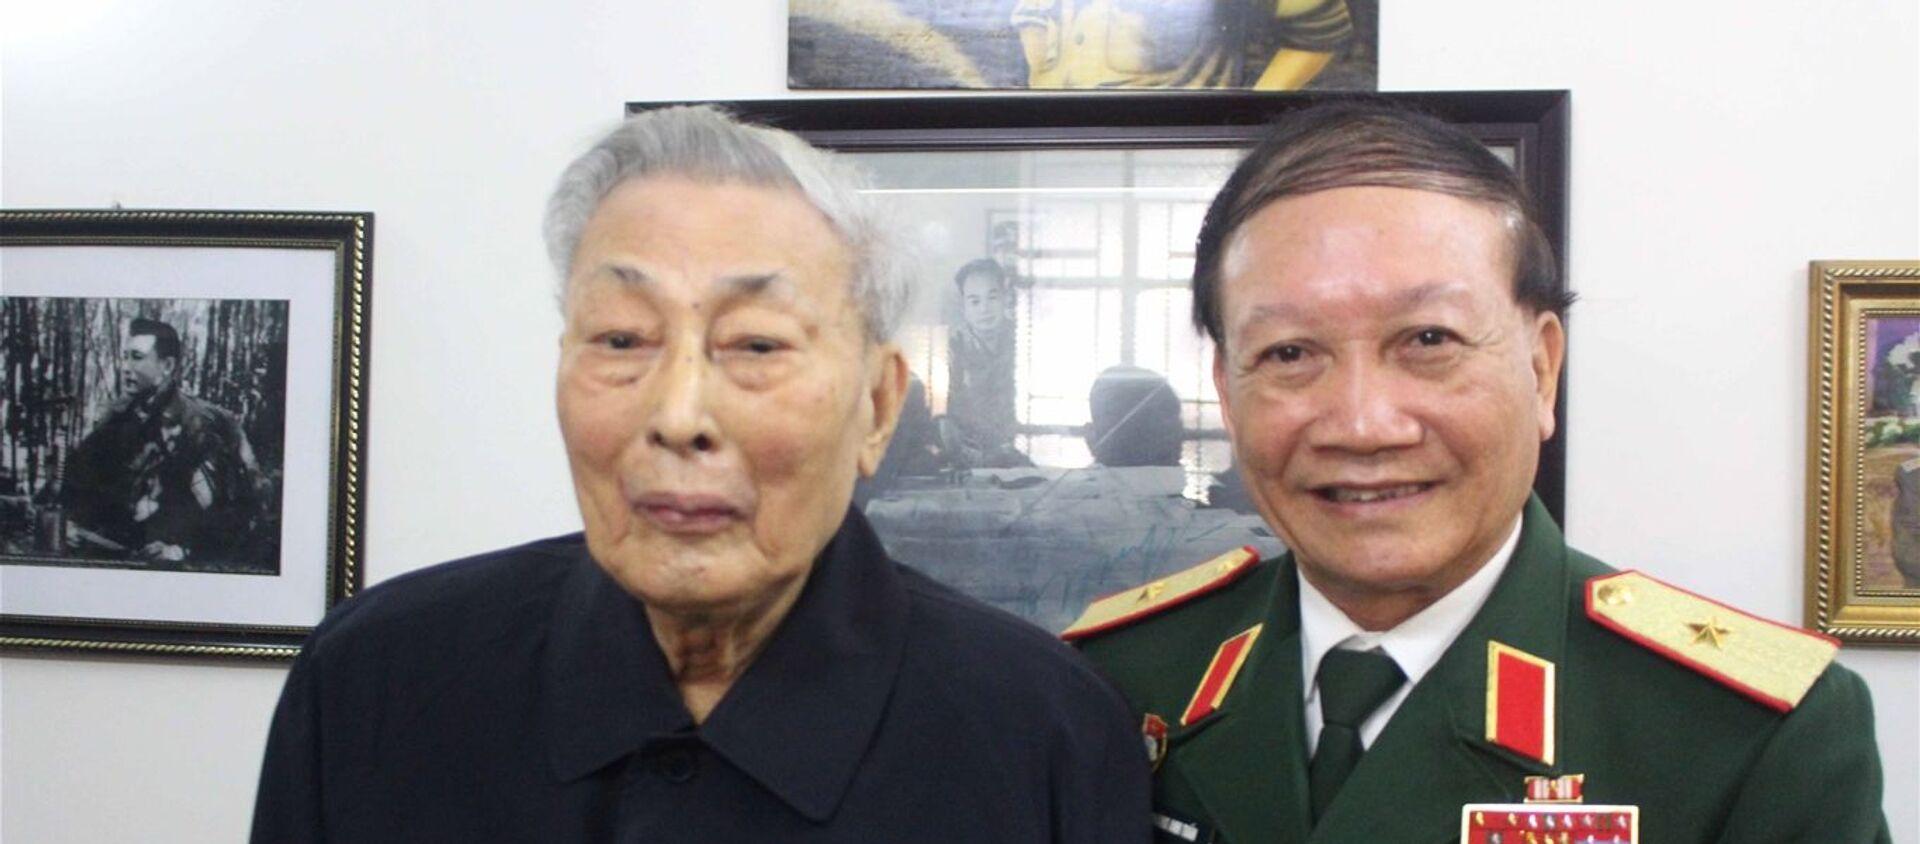 Trung tướng Đồng Sỹ Nguyên - Sputnik Việt Nam, 1920, 04.04.2019